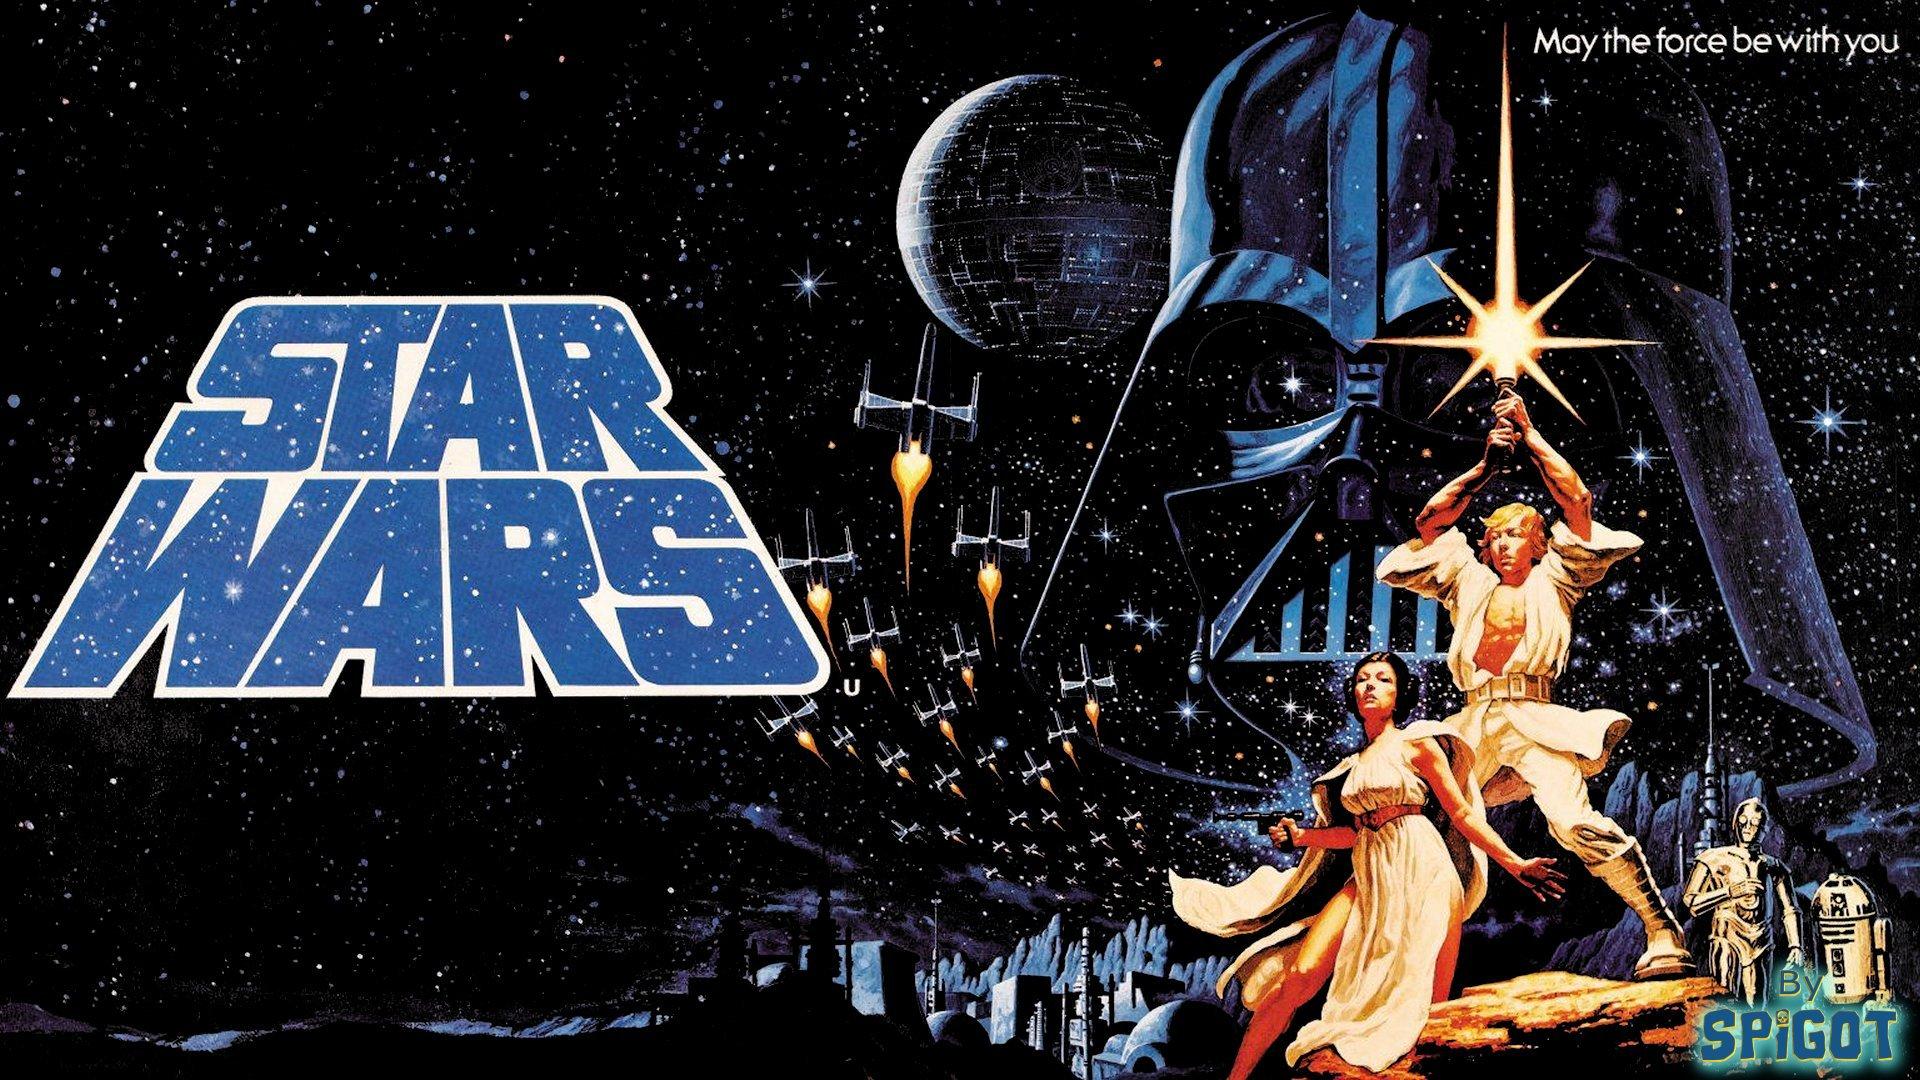 Description Star Wars Wallpaper HD Is A Hi Res For Pc